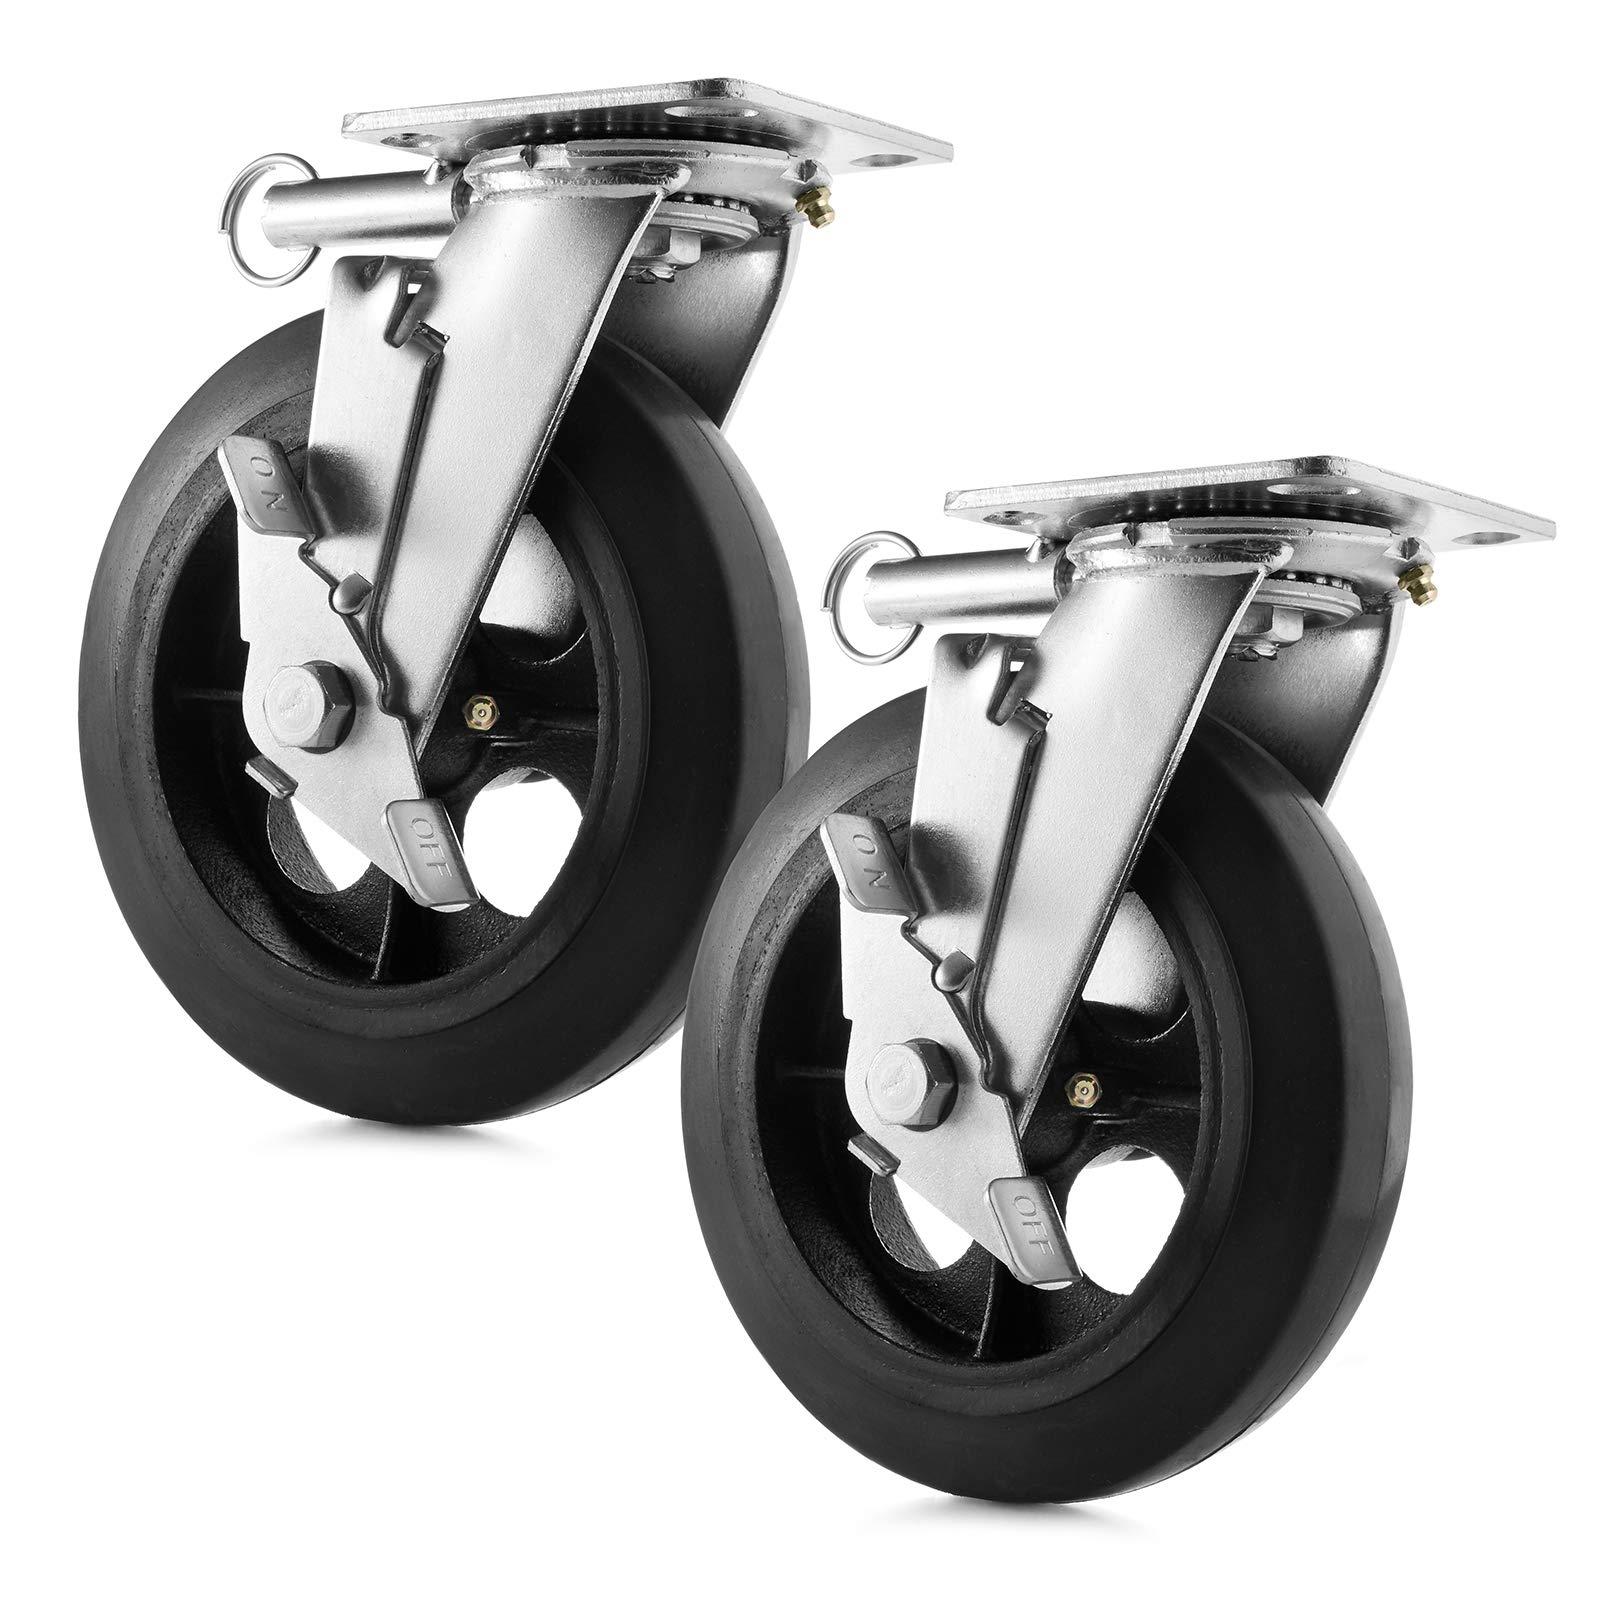 GypTool Heavy Duty Swivel Caster Wheel Set of 2 Wheels 8'' x 2'' - 500 lb Capacity